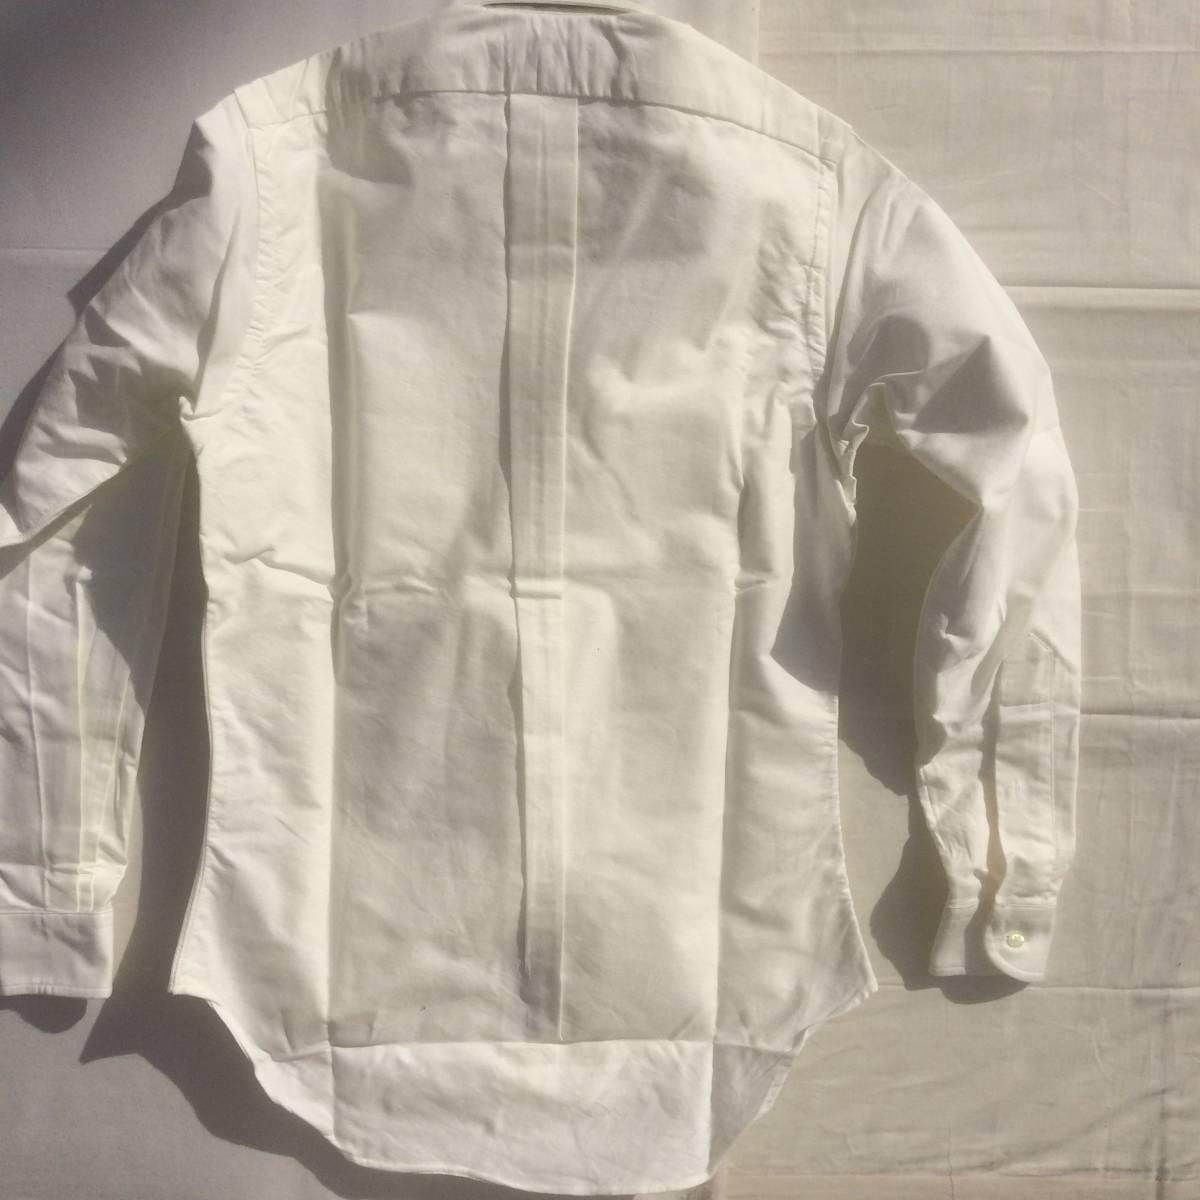 INDIVIDUALIZED SHIRTS インディビジュアライズドシャツ ダンリバー オックスフォード BD 白 ホワイト 長袖 シャツ xxs 13.5 usa製_画像6